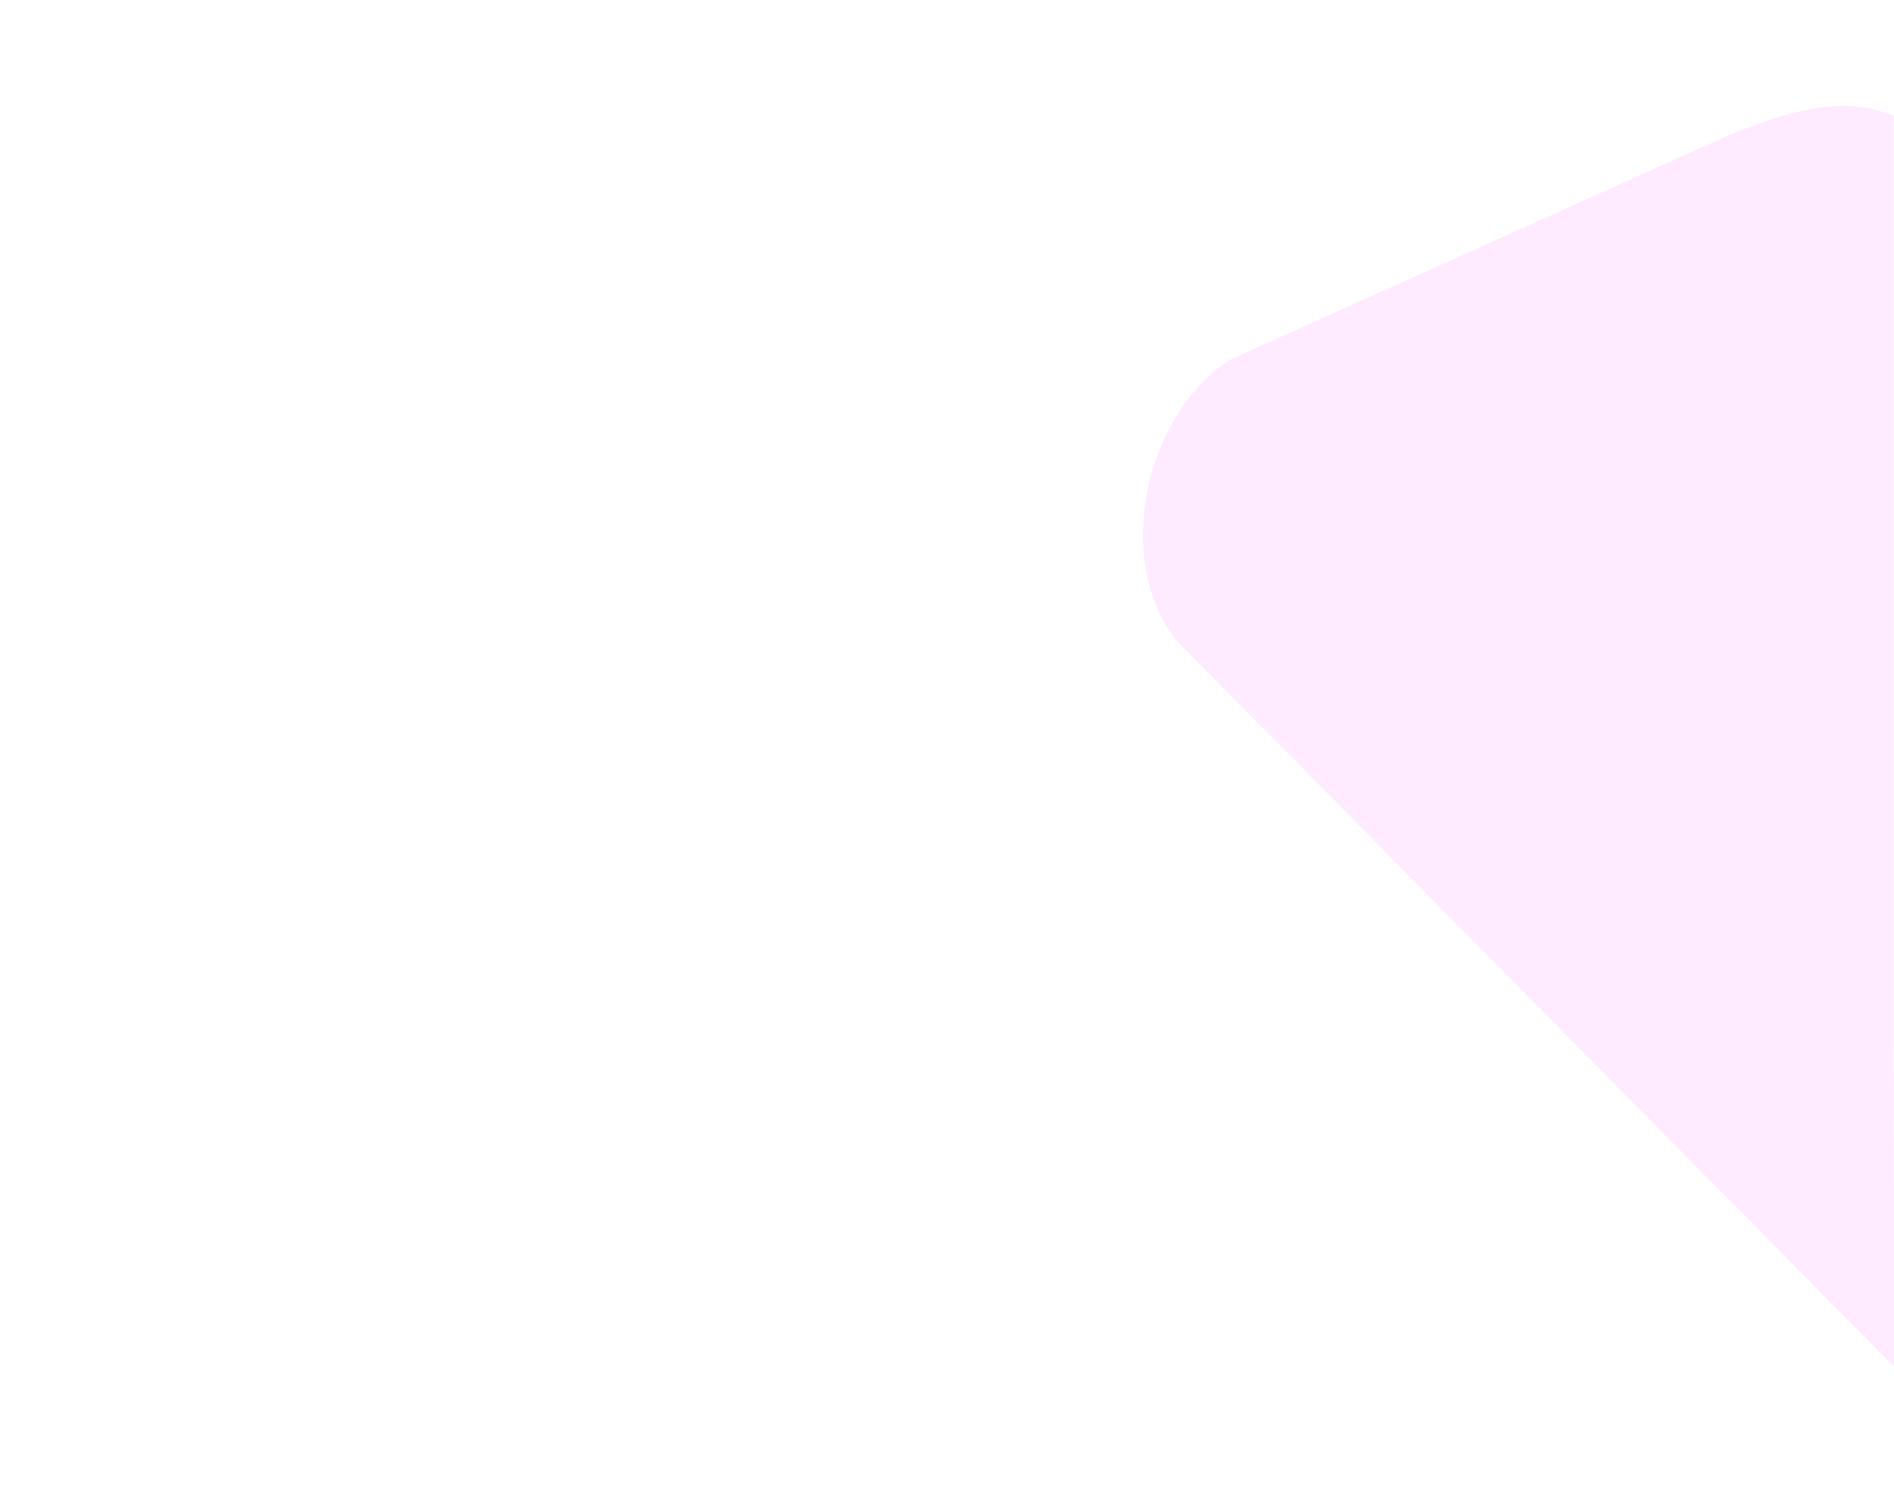 sec-image